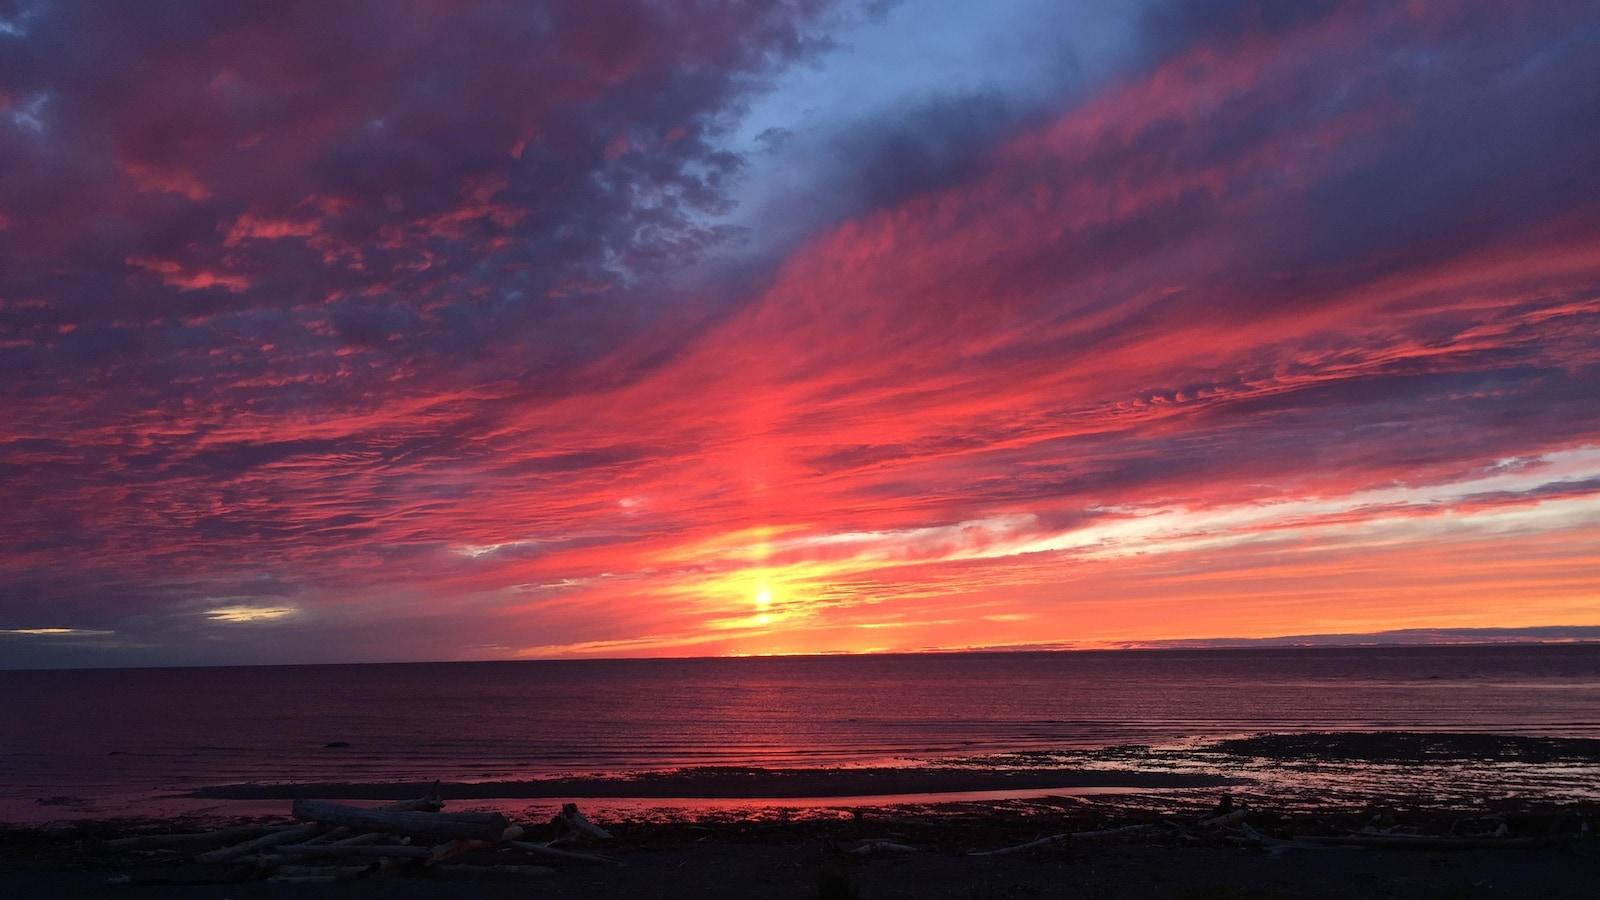 Le ciel est rose, violet, rouge et jaune au coucher de soleil.